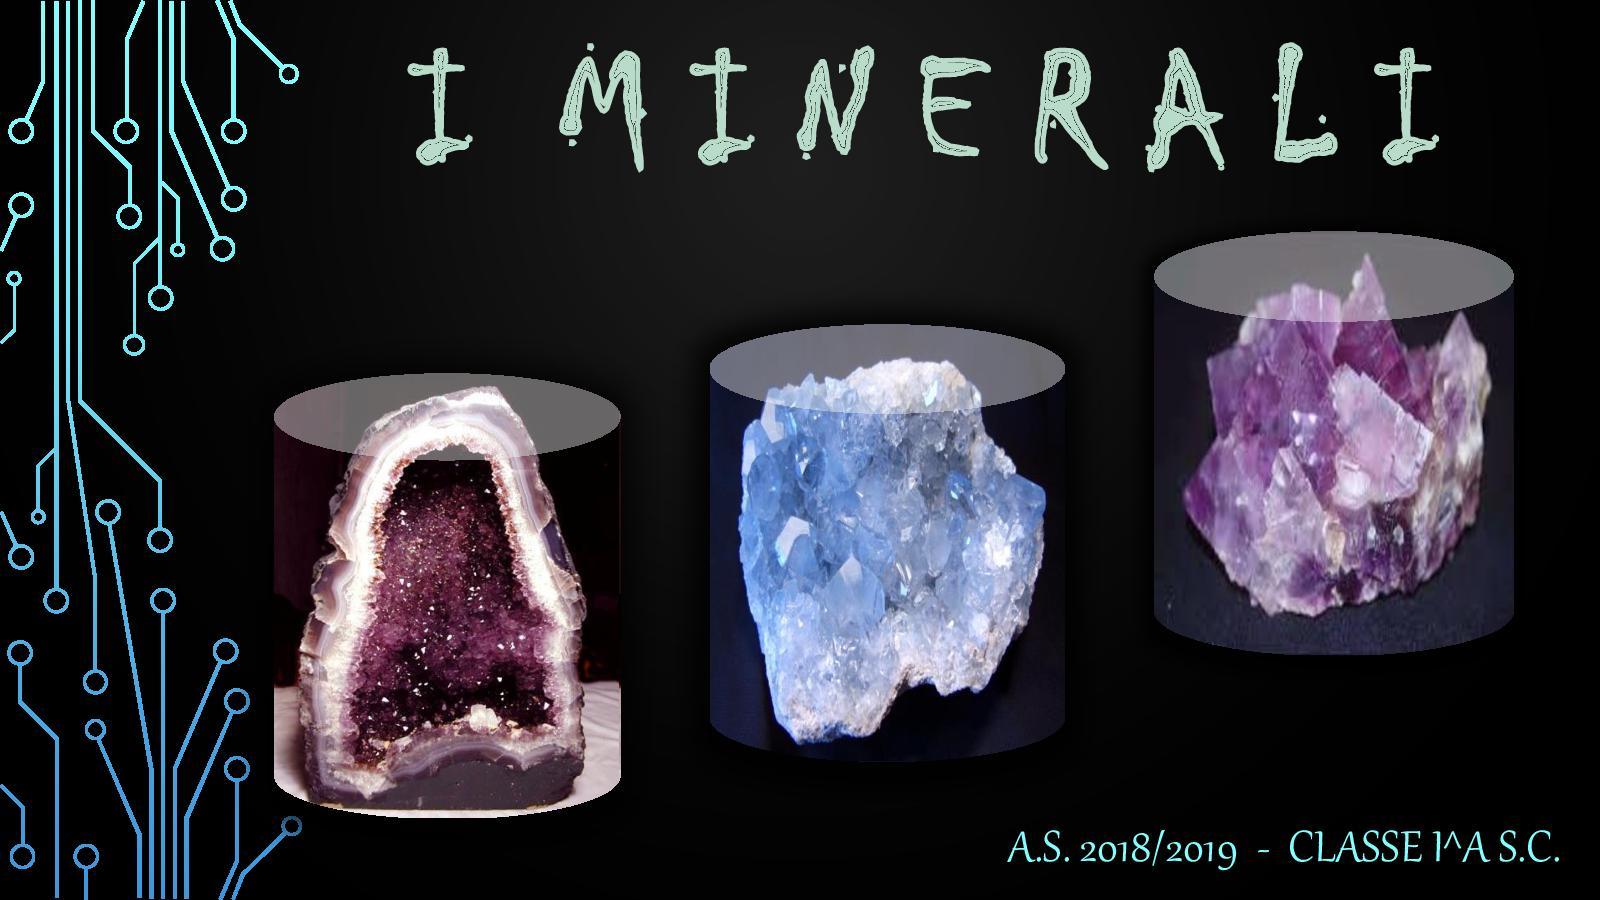 Ametista Dove Trovarla calaméo - minerali 1a s